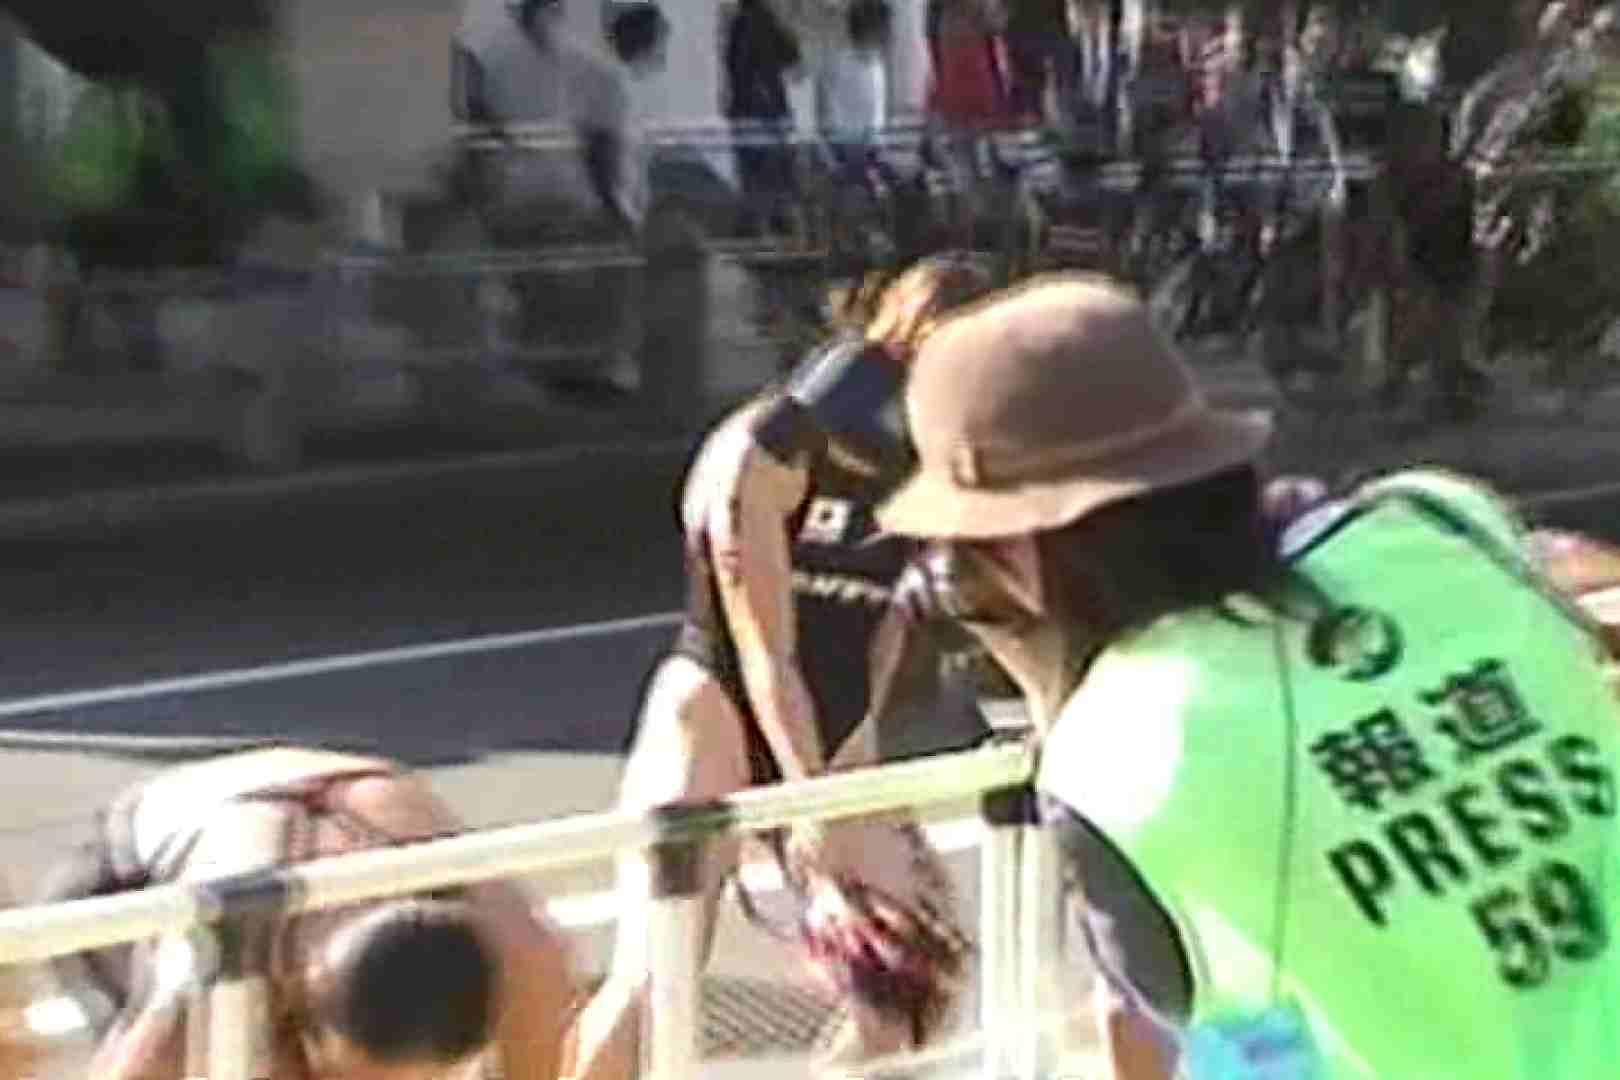 鉄人レース!!トライアスロンに挑む女性達!!Vol.8 エロティックなOL ワレメ無修正動画無料 72画像 68